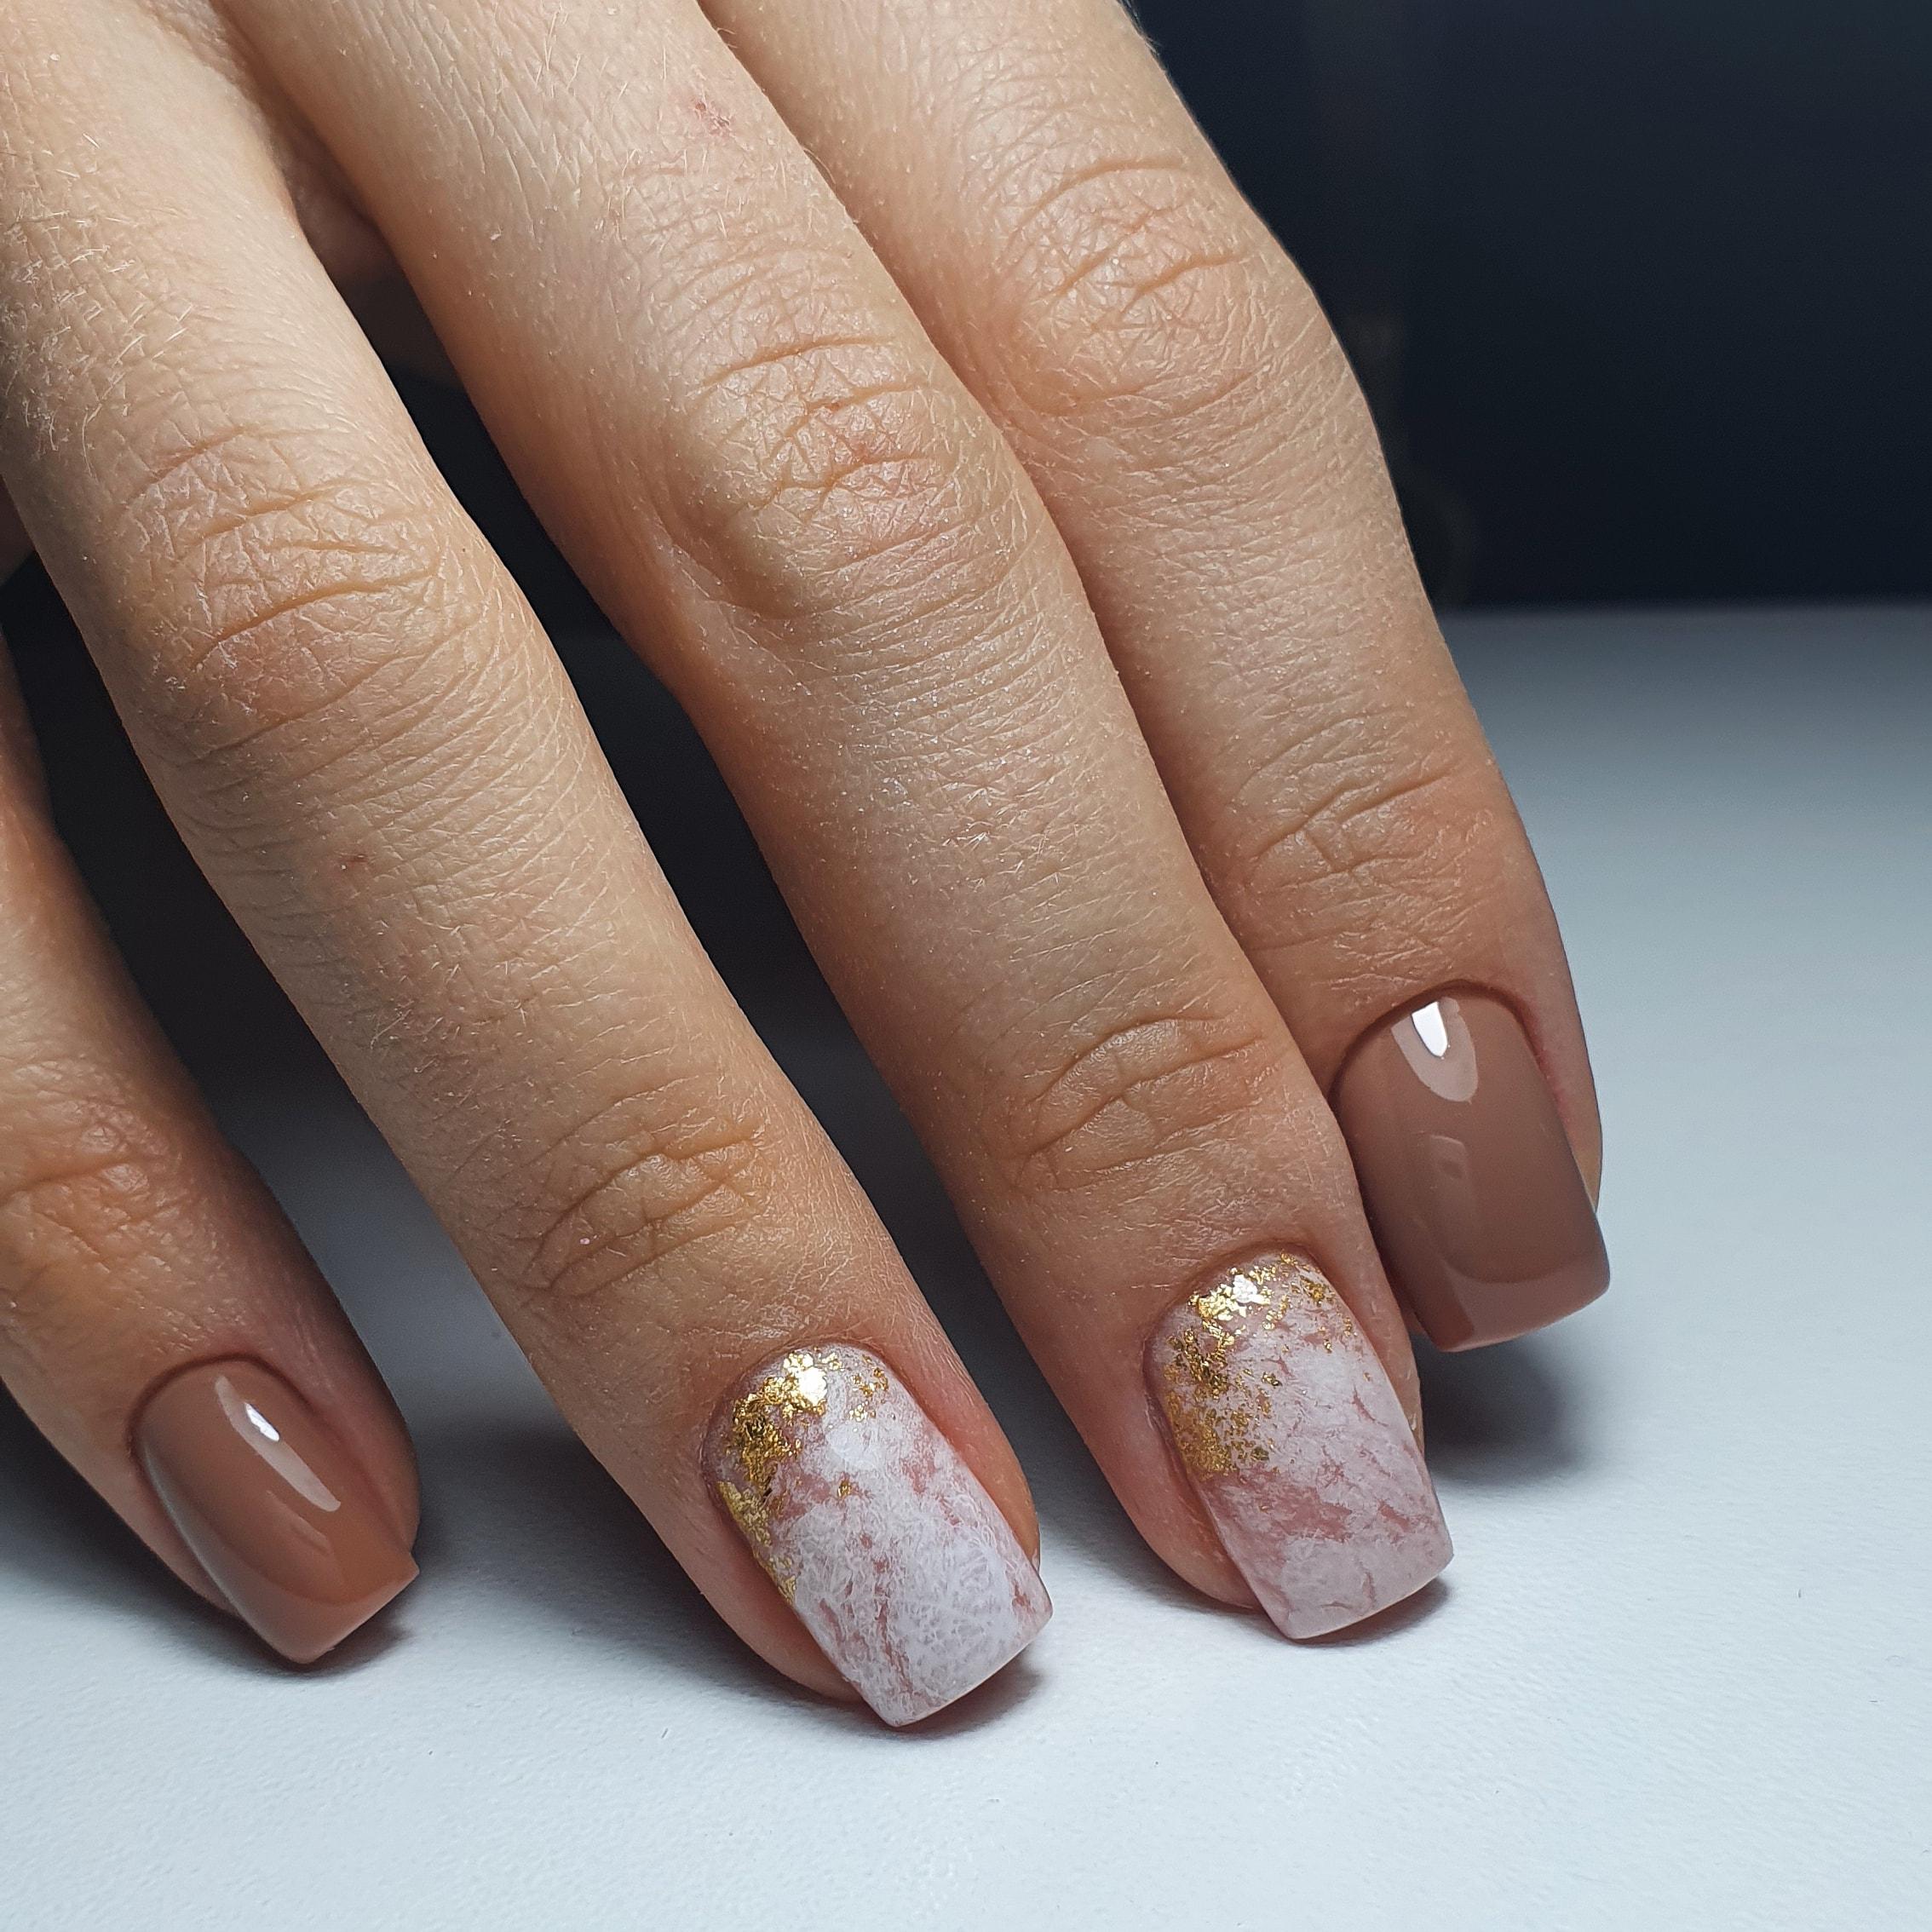 Маникюр с мраморным дизайном и золотой фольгой в коричневом цвете на короткие ногти.